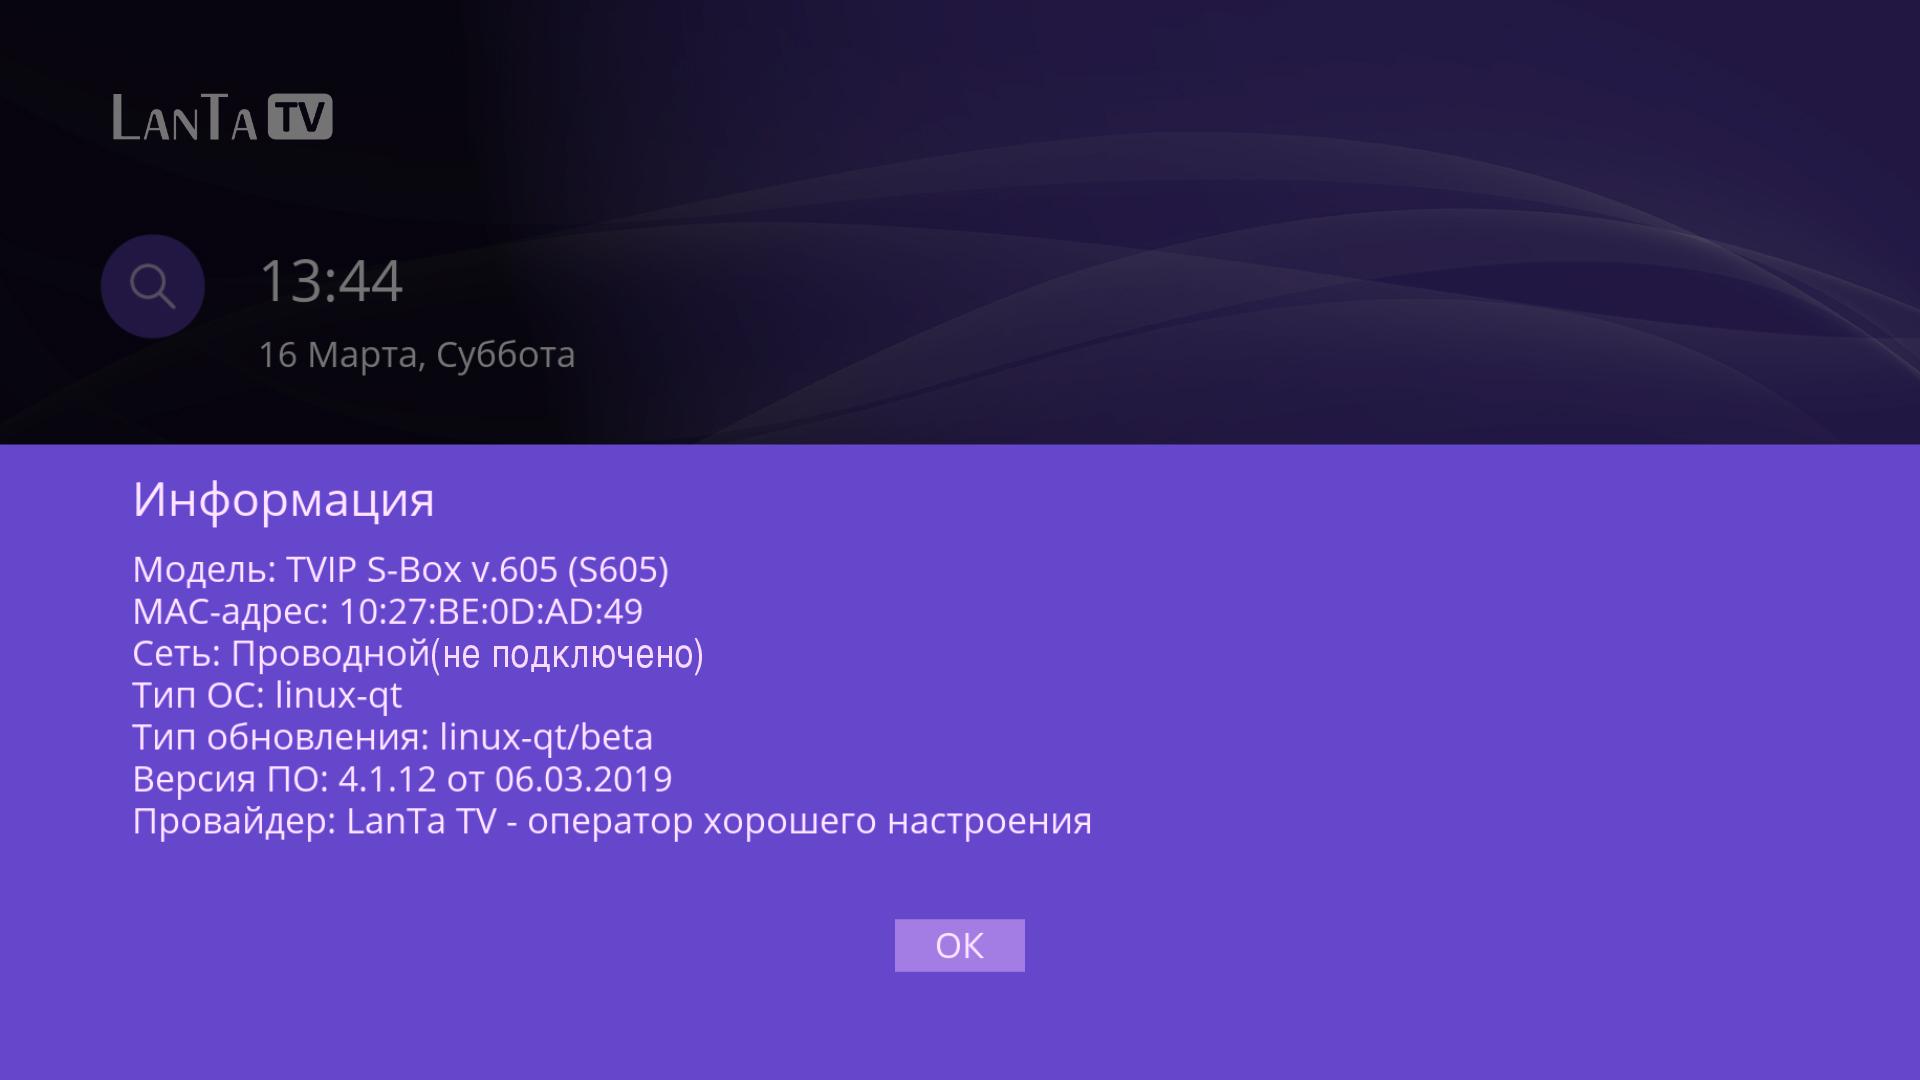 Ошибка Ожидание списка каналов на TVIP